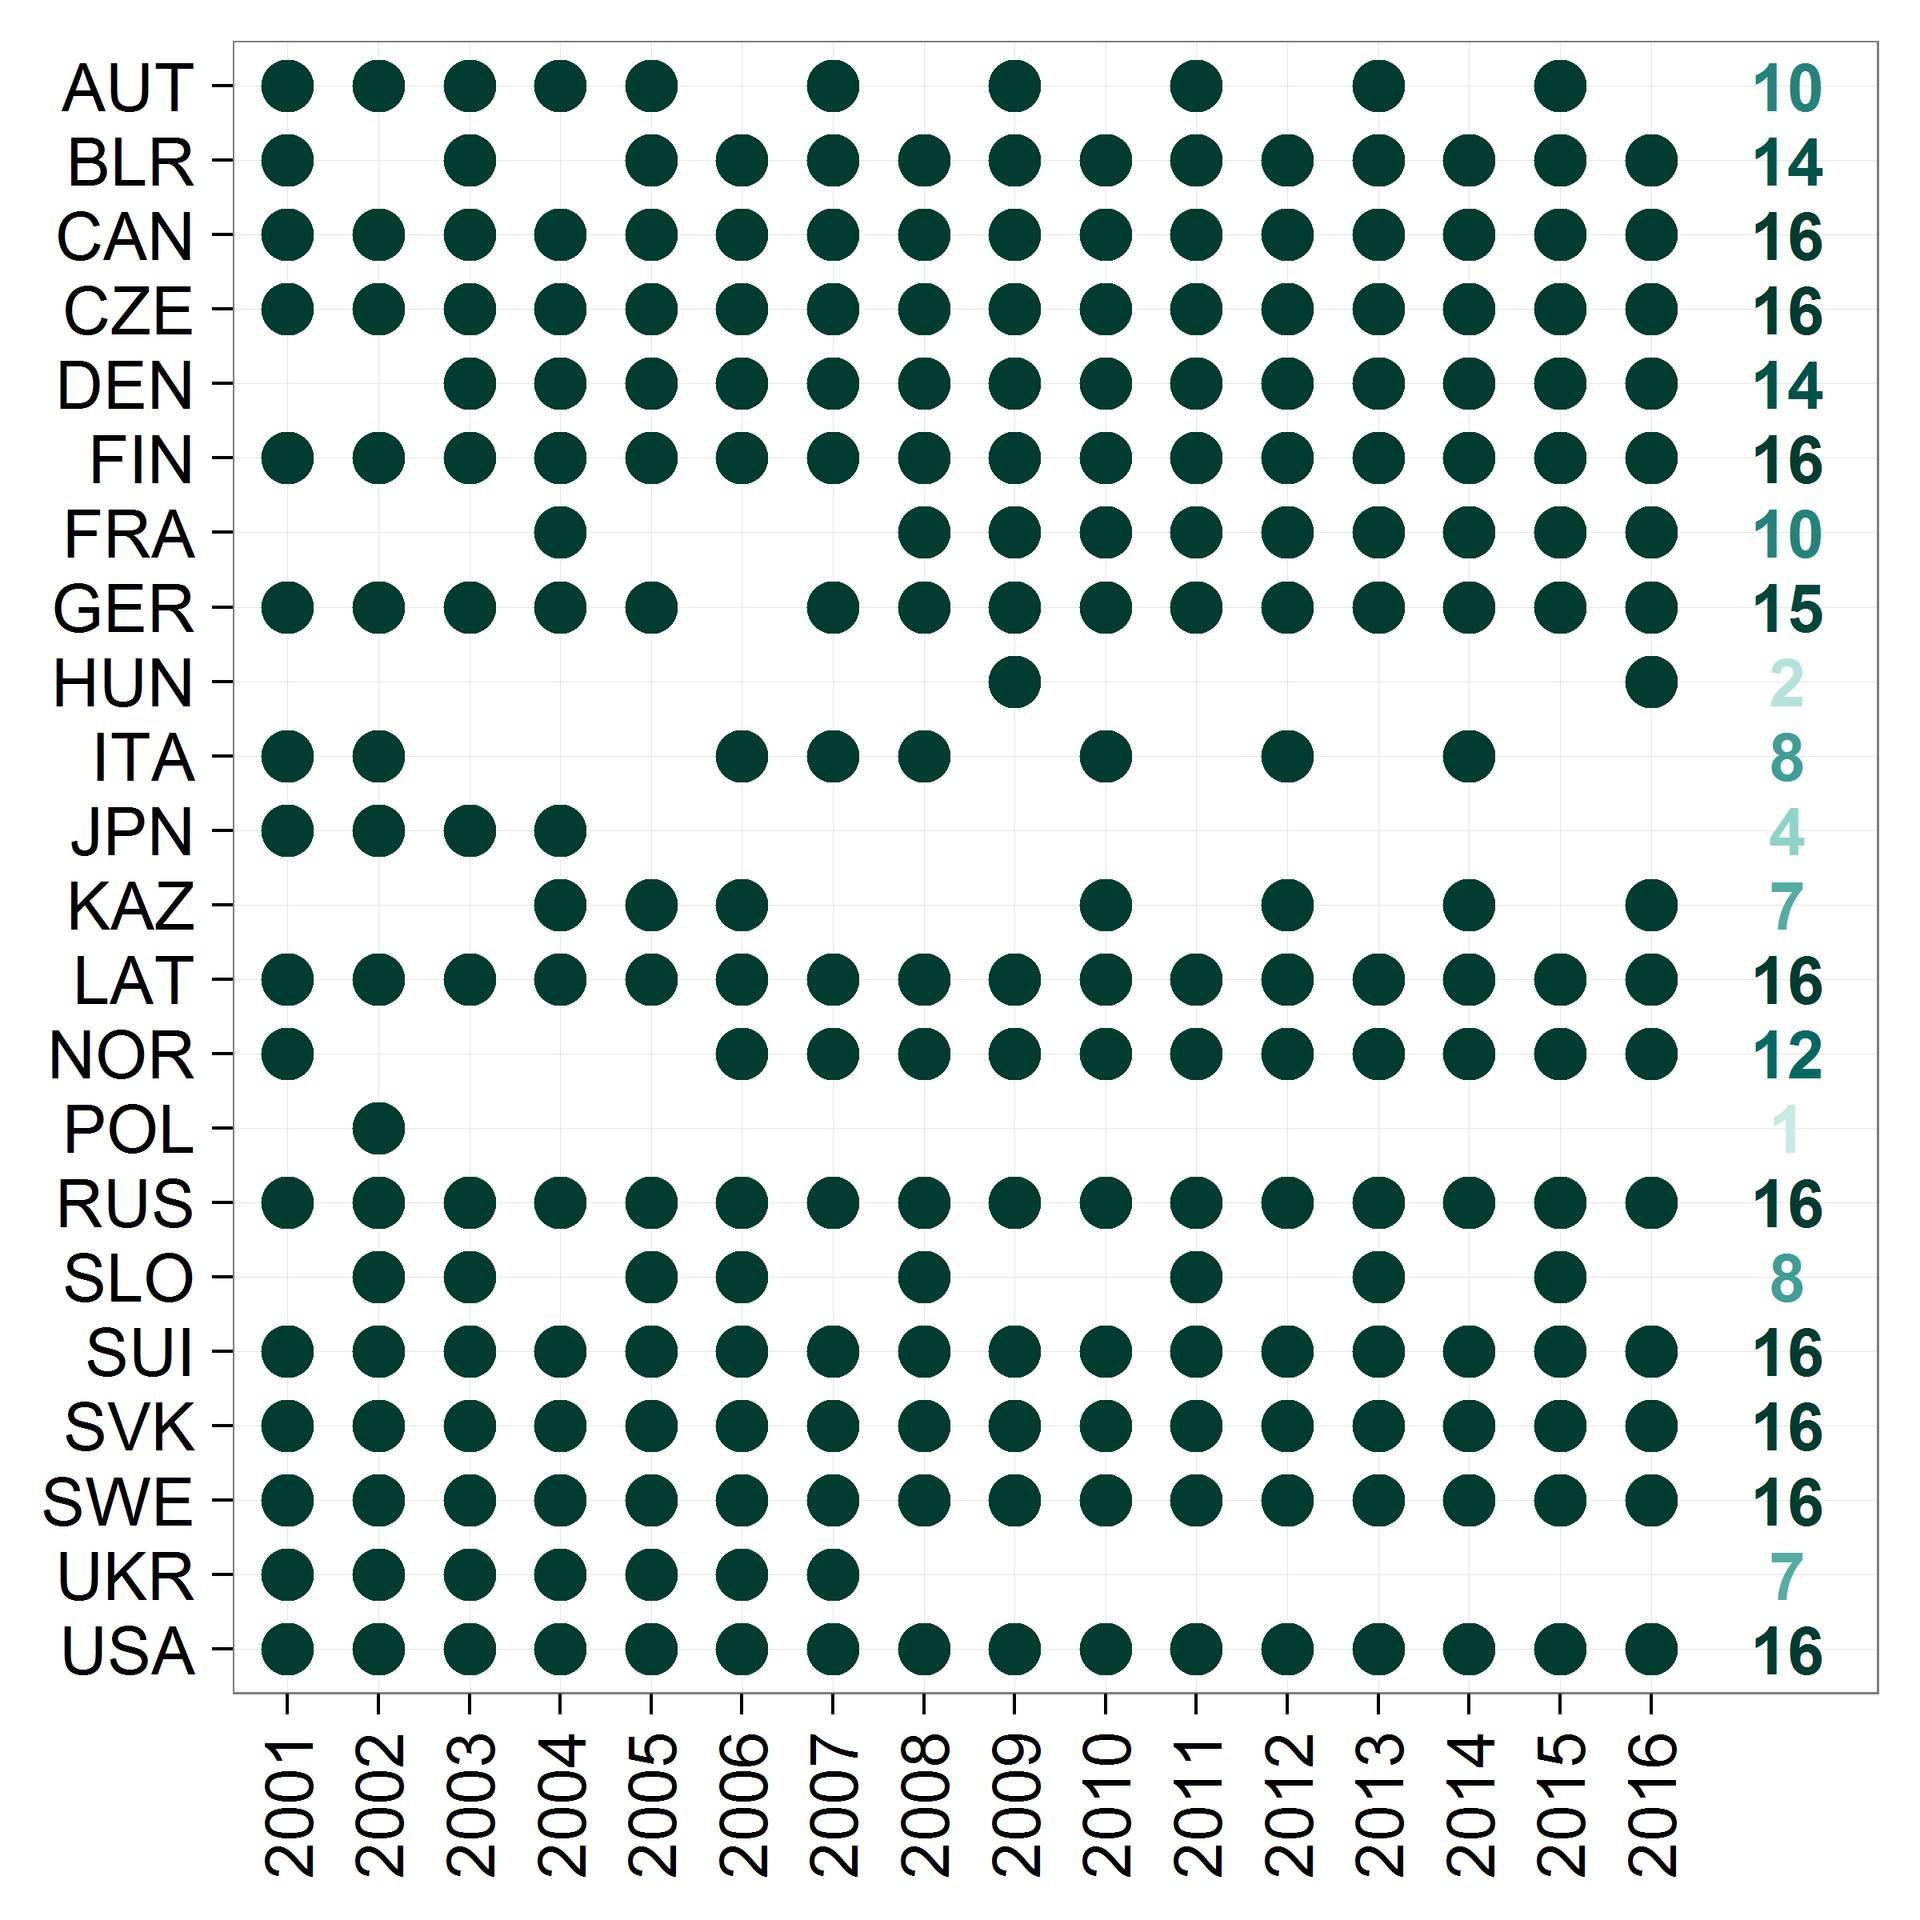 Рост хоккеистов: анализируем данные всех чемпионатов мира в текущем веке - 5